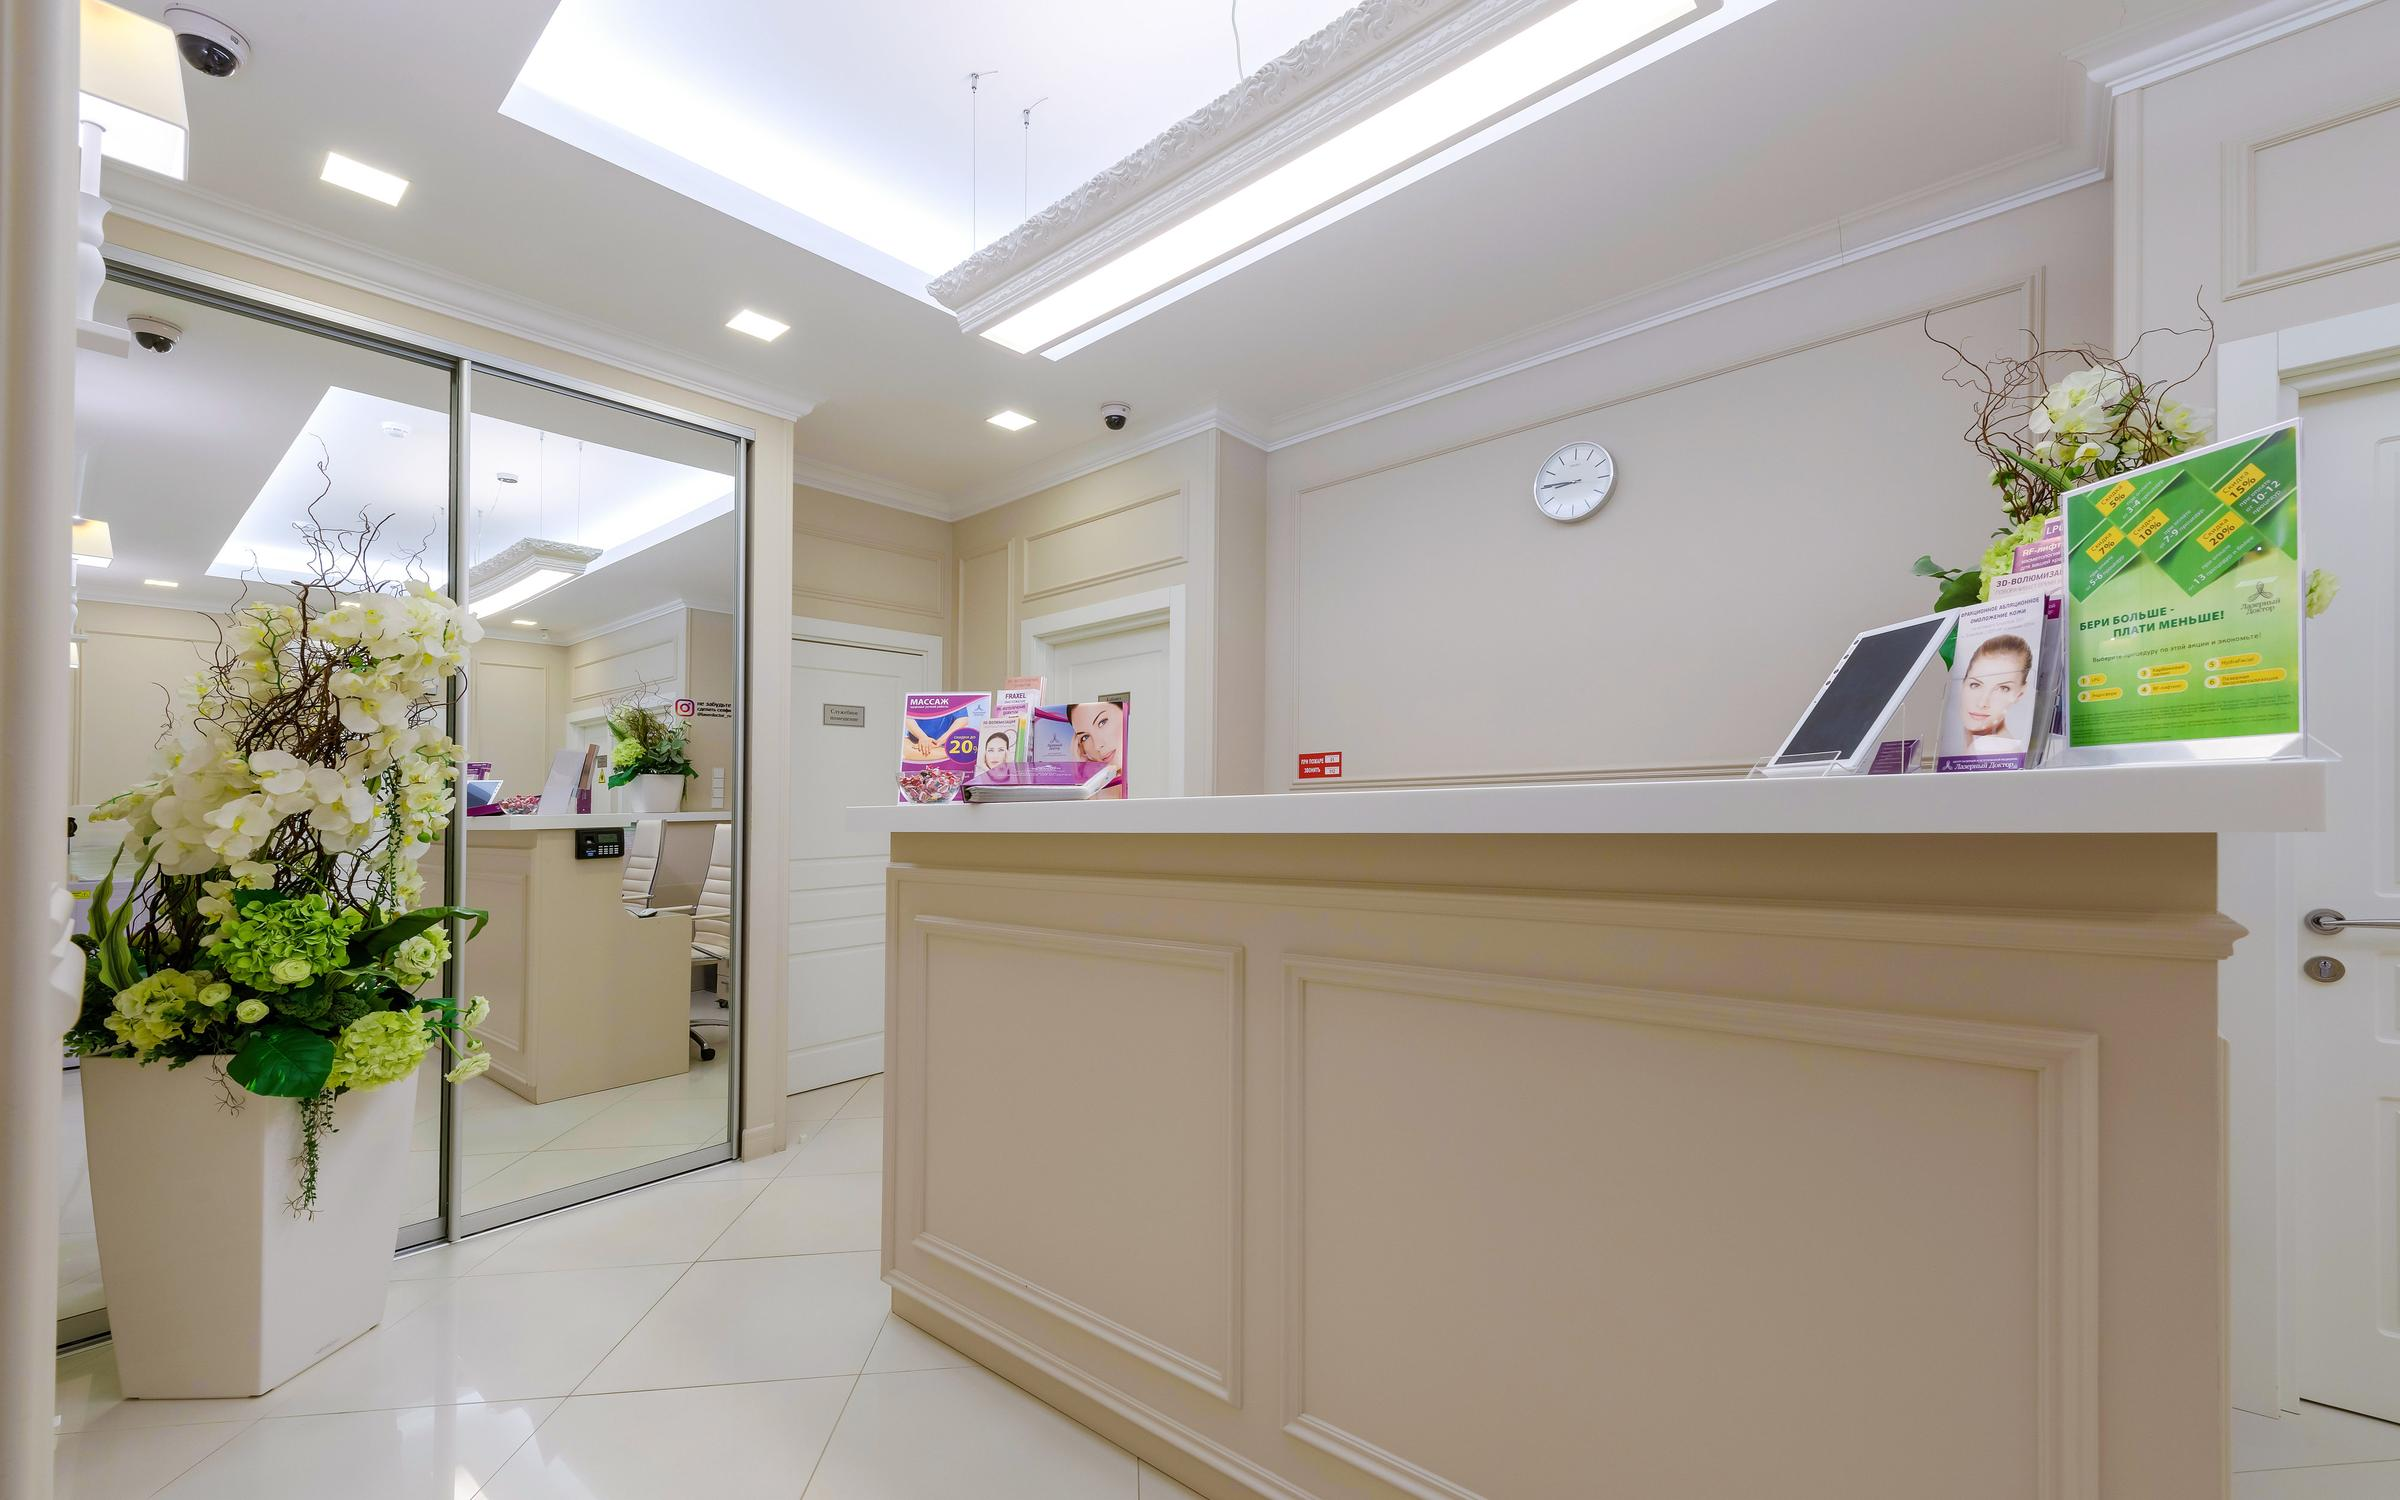 фотография Центра косметологии и медицины Лазерный Доктор на улице Мира